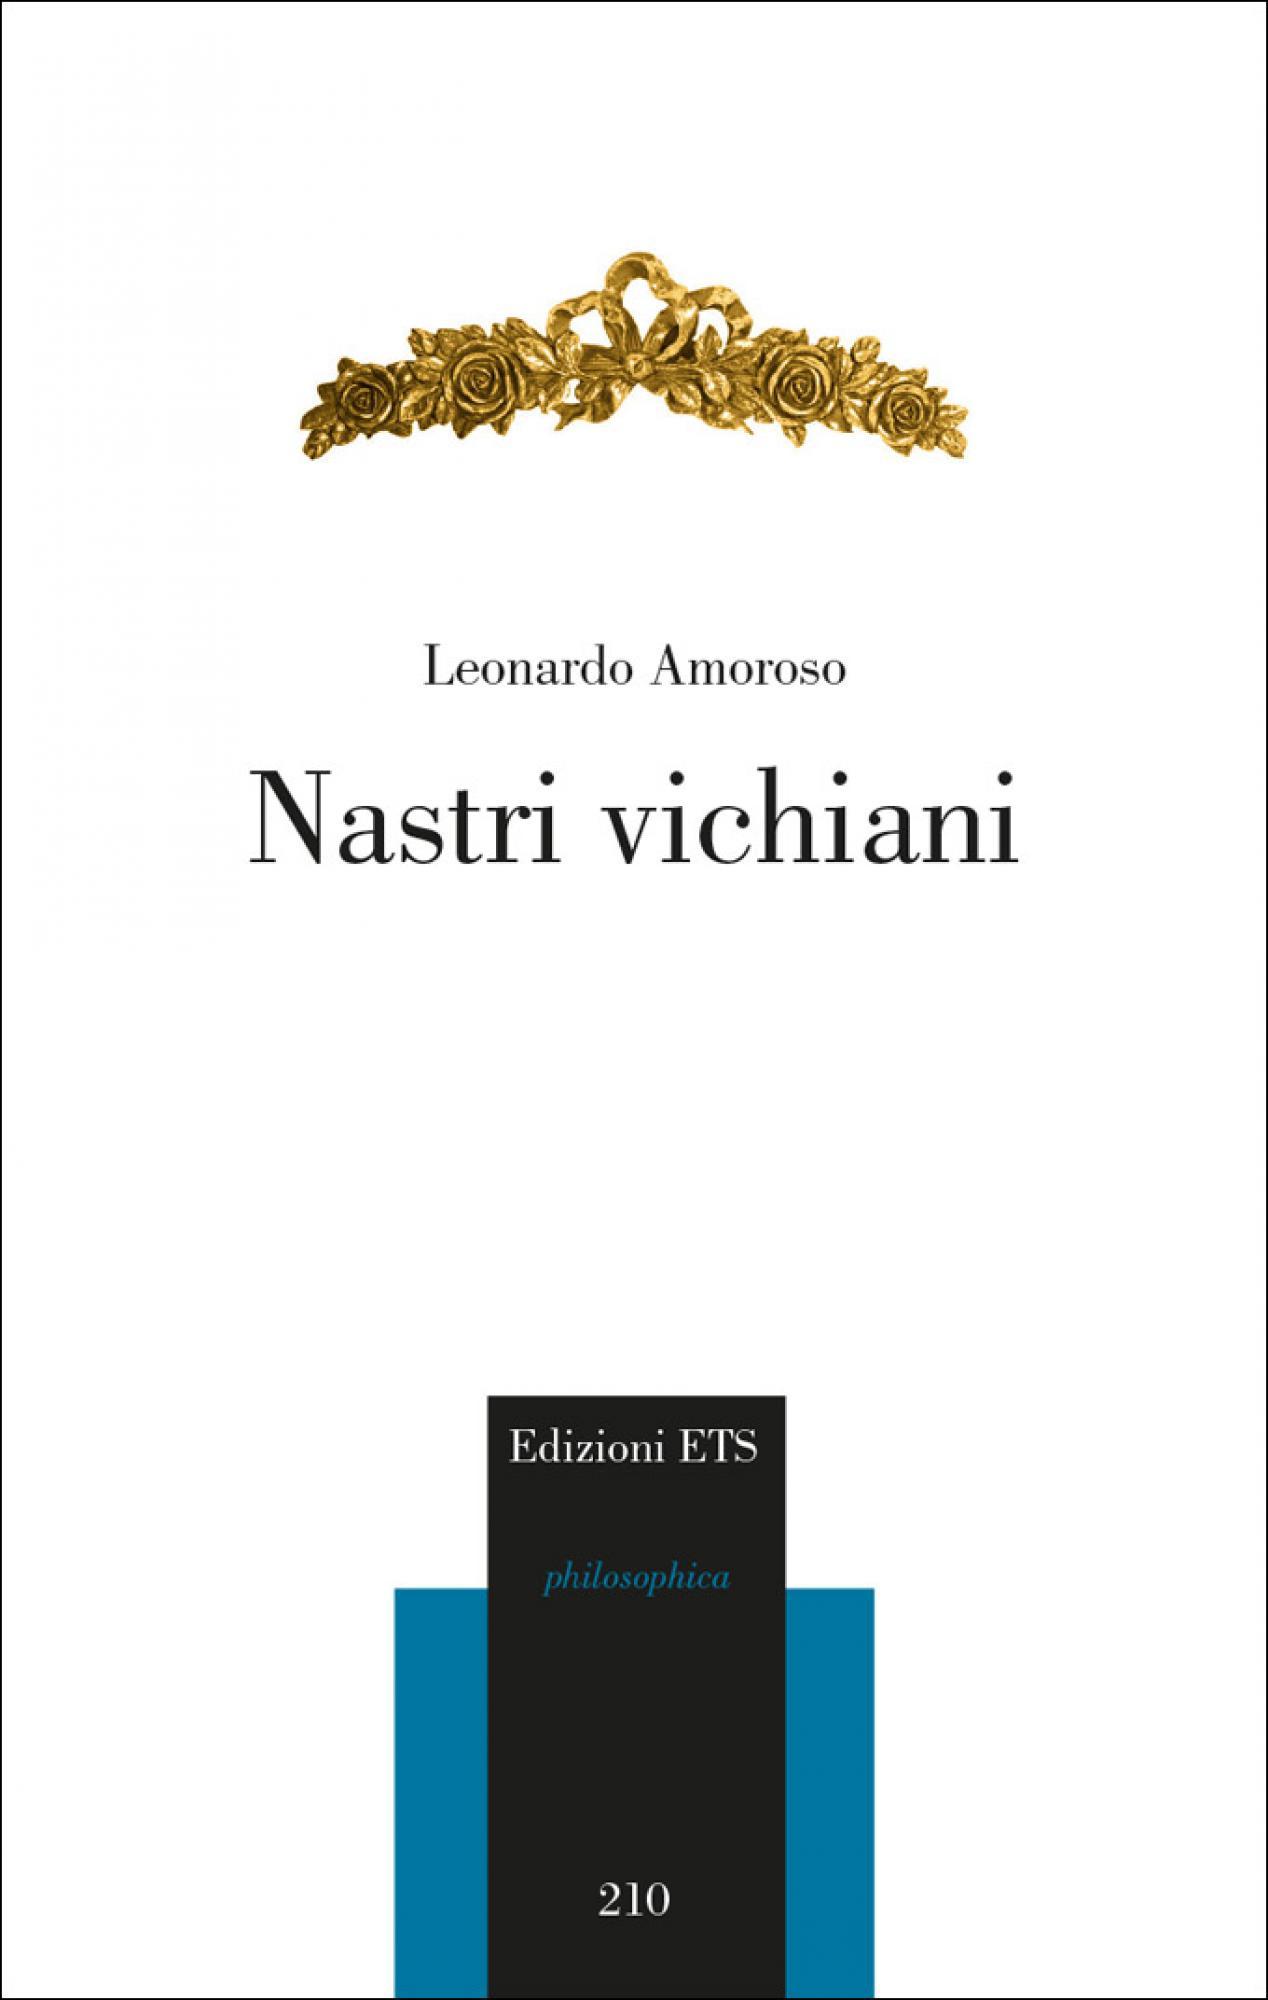 Nastri vichiani.seconda edizione